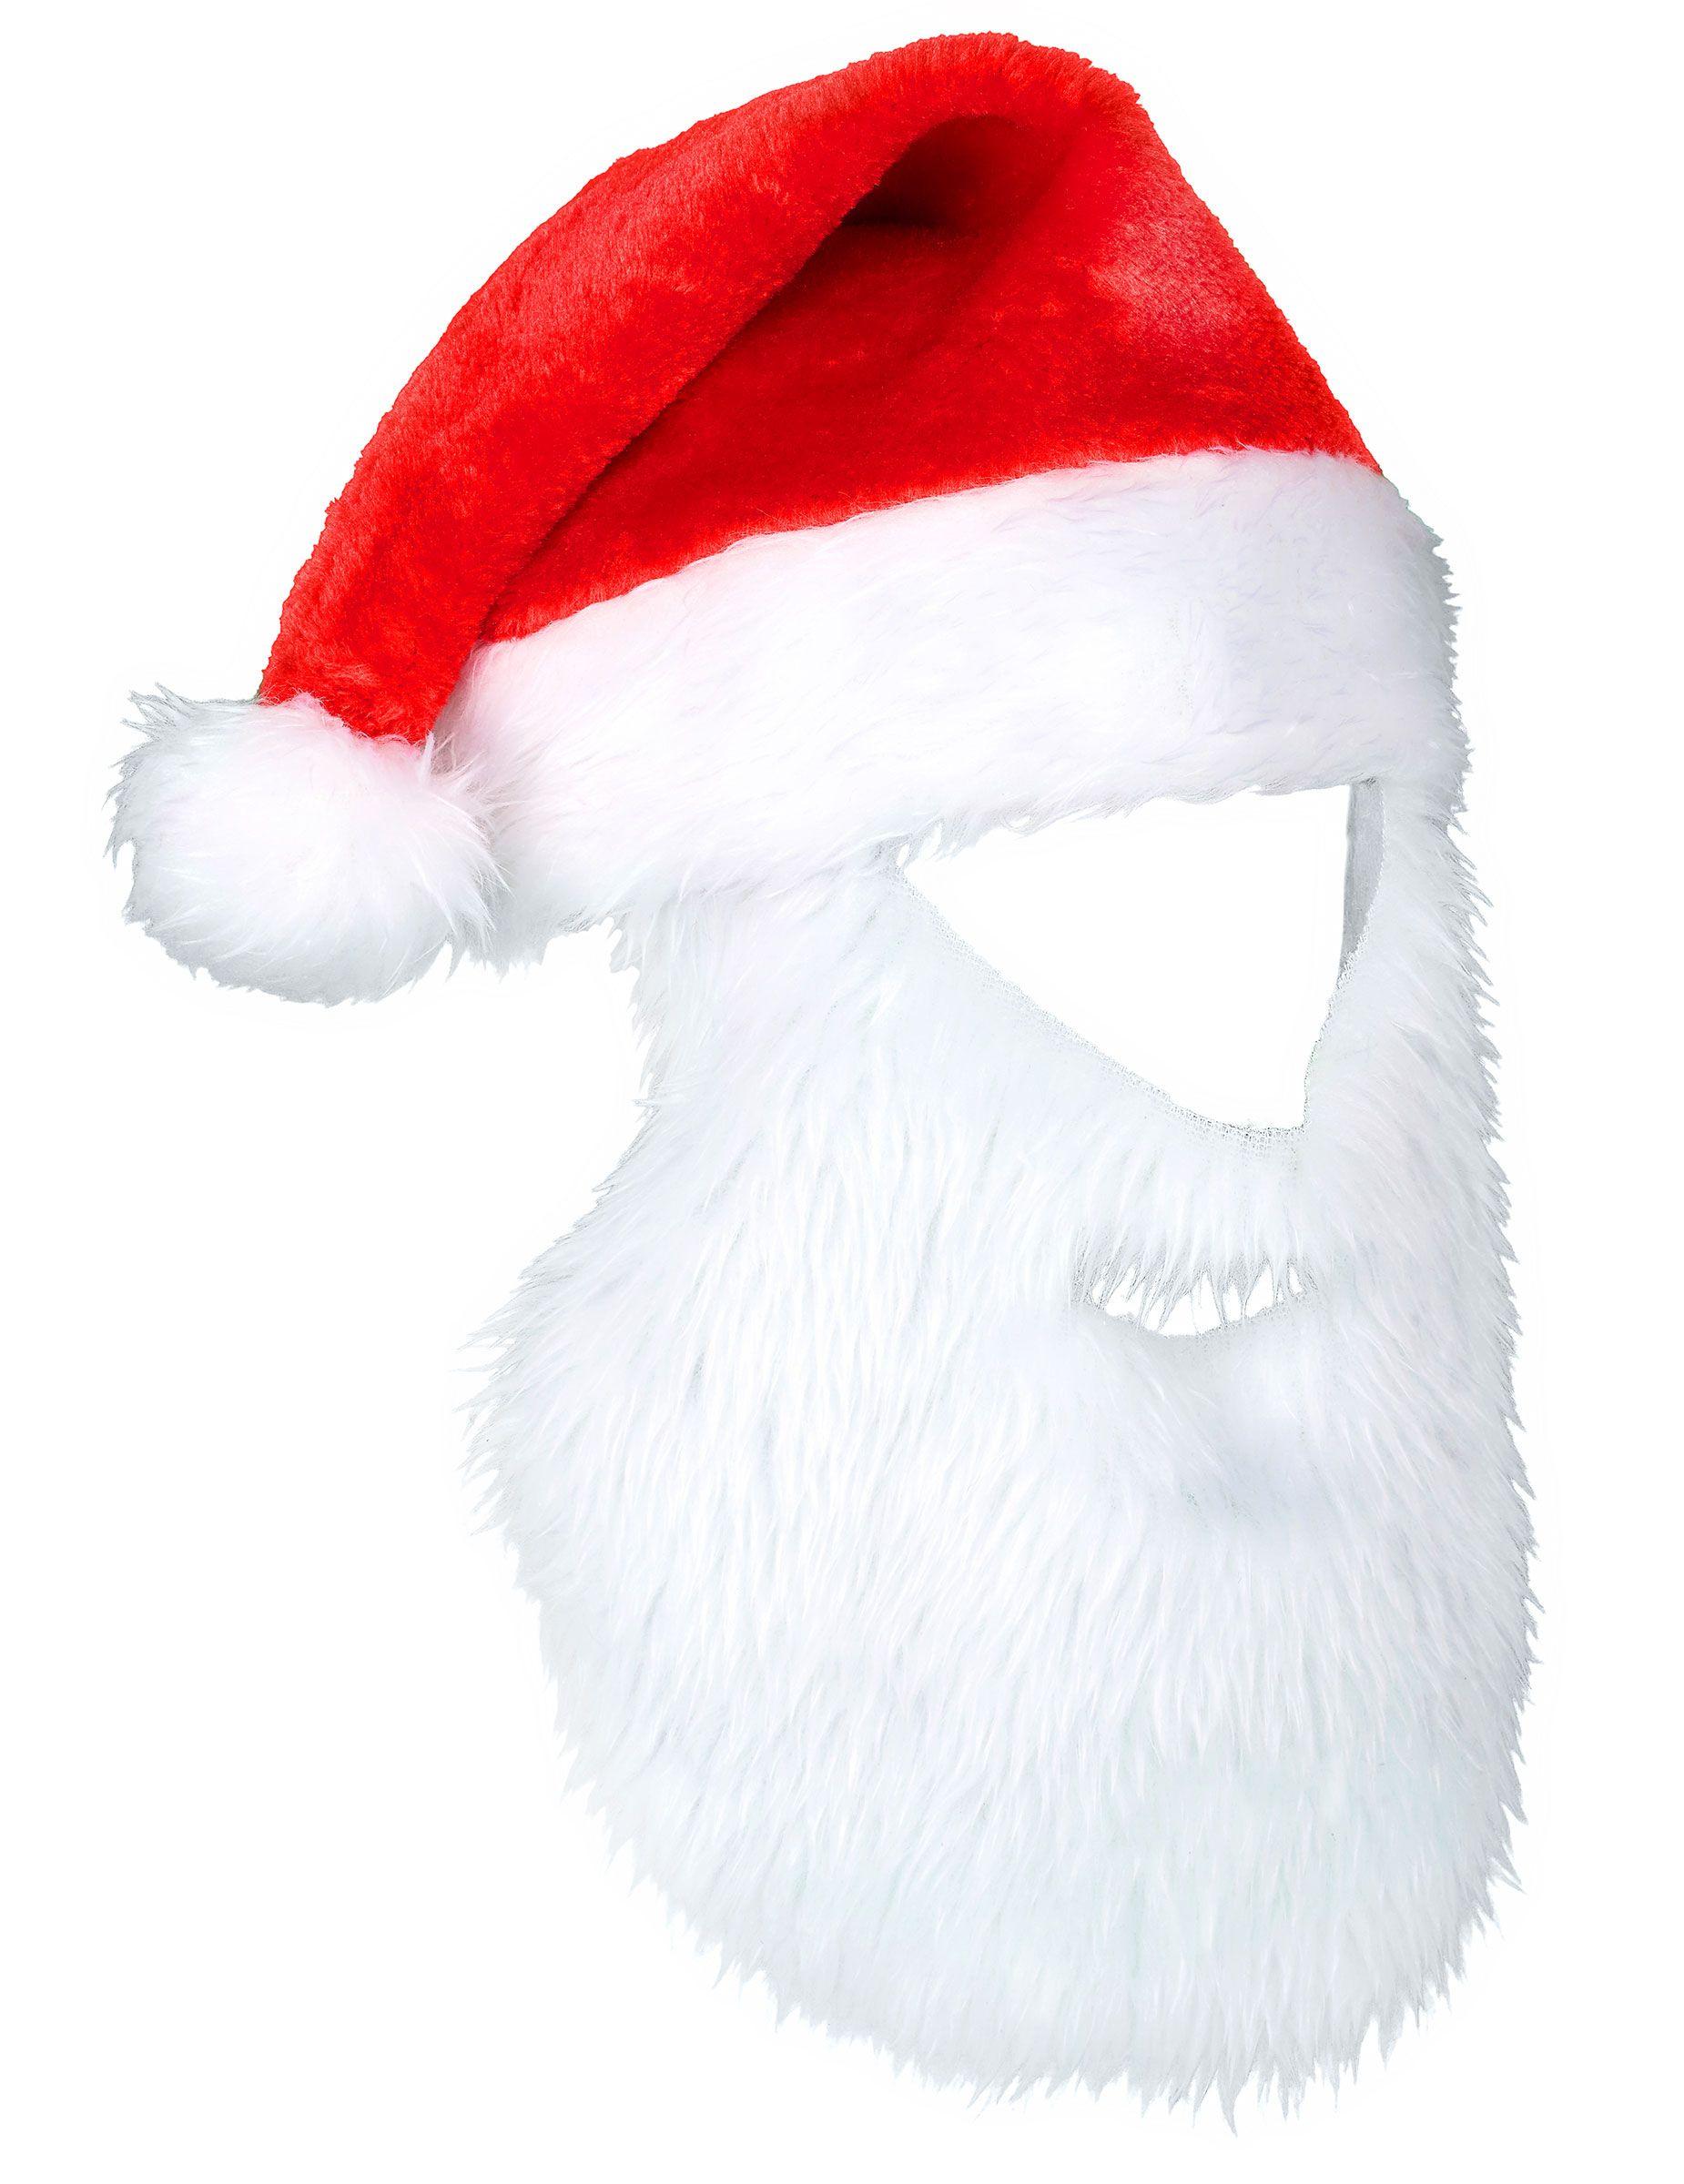 b73bbe01f4b9e Gorro Papá Noel con barba adulto Navidad  Este gorro de Navidad es de  terciopelo con